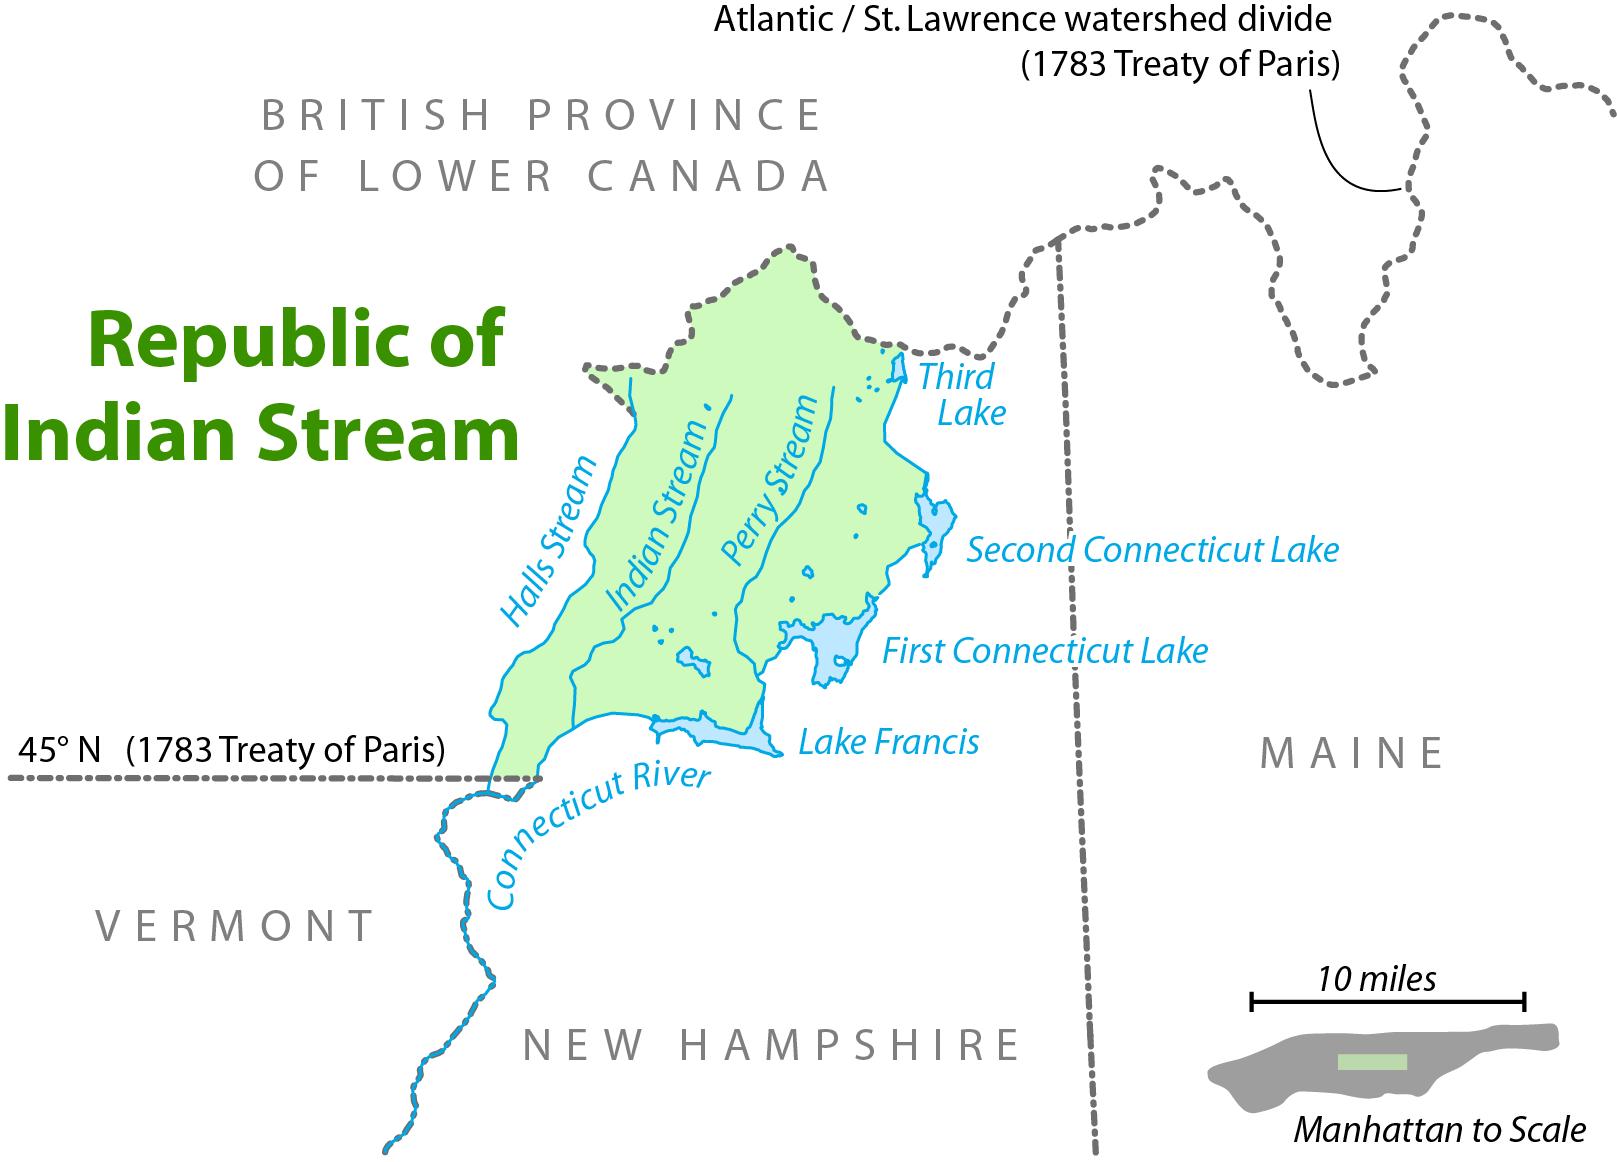 Indian Stream Republic